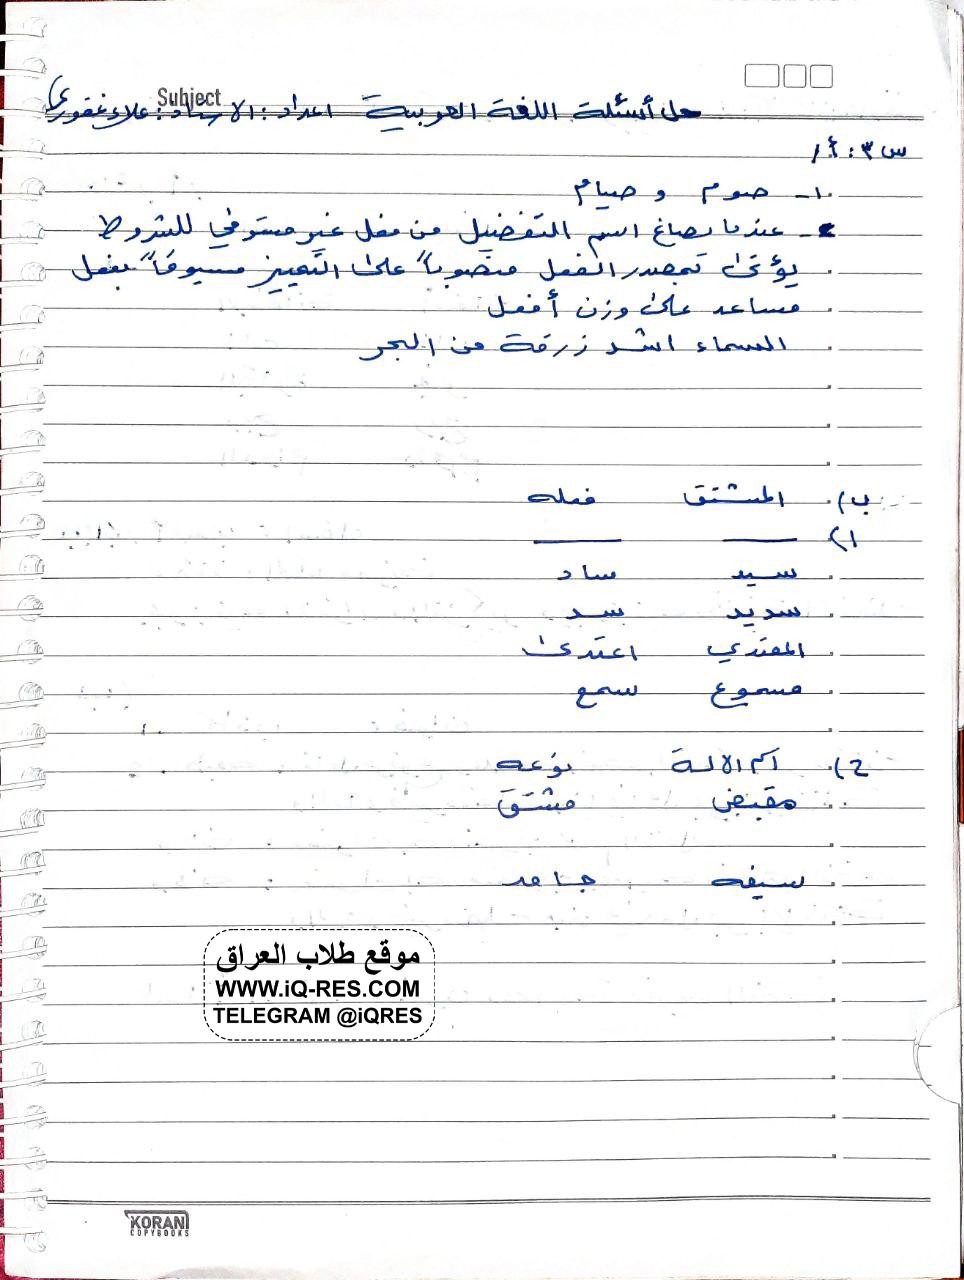 اسئلة مادة اللغة العربية للصف الثالث المتوسط 2021 الدور الاول مع الحل 310